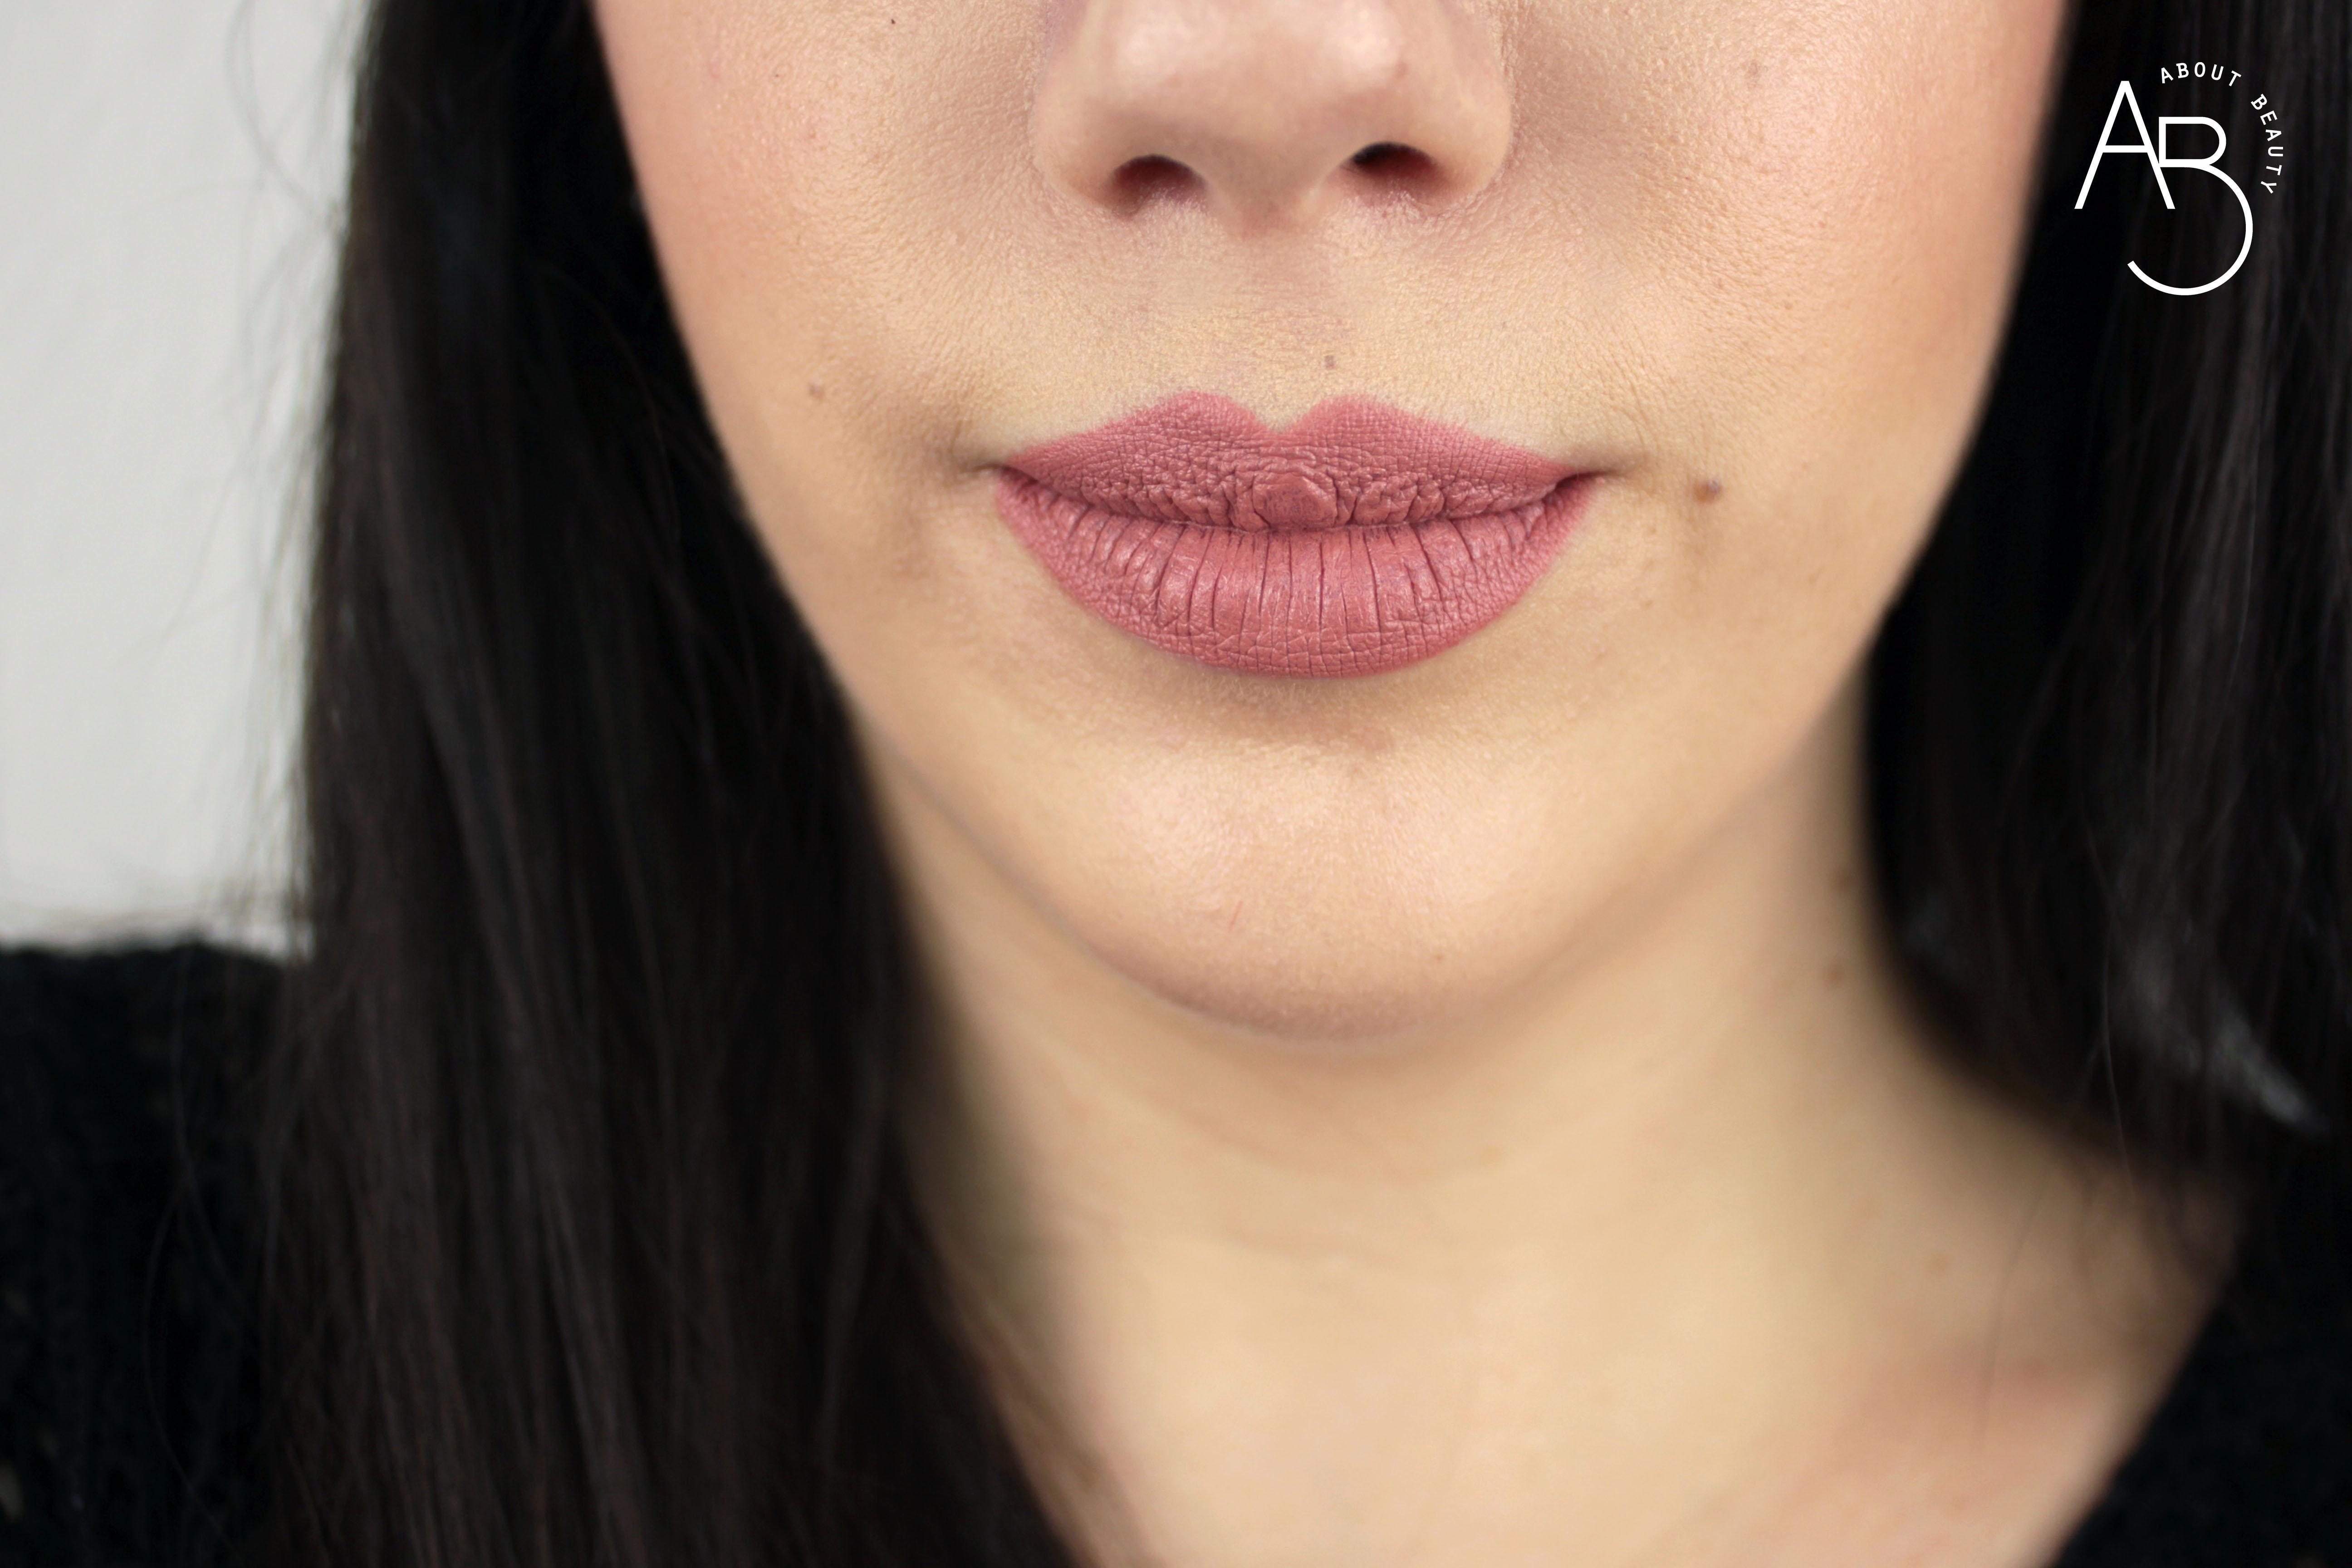 Nuovi rossetti Neve Cosmetics Dessert a Levres 2018: info, foto, swatch, prezzo, data di uscita, dove acquistare, recensione, review - Swatch su labbra di Panna Cotta